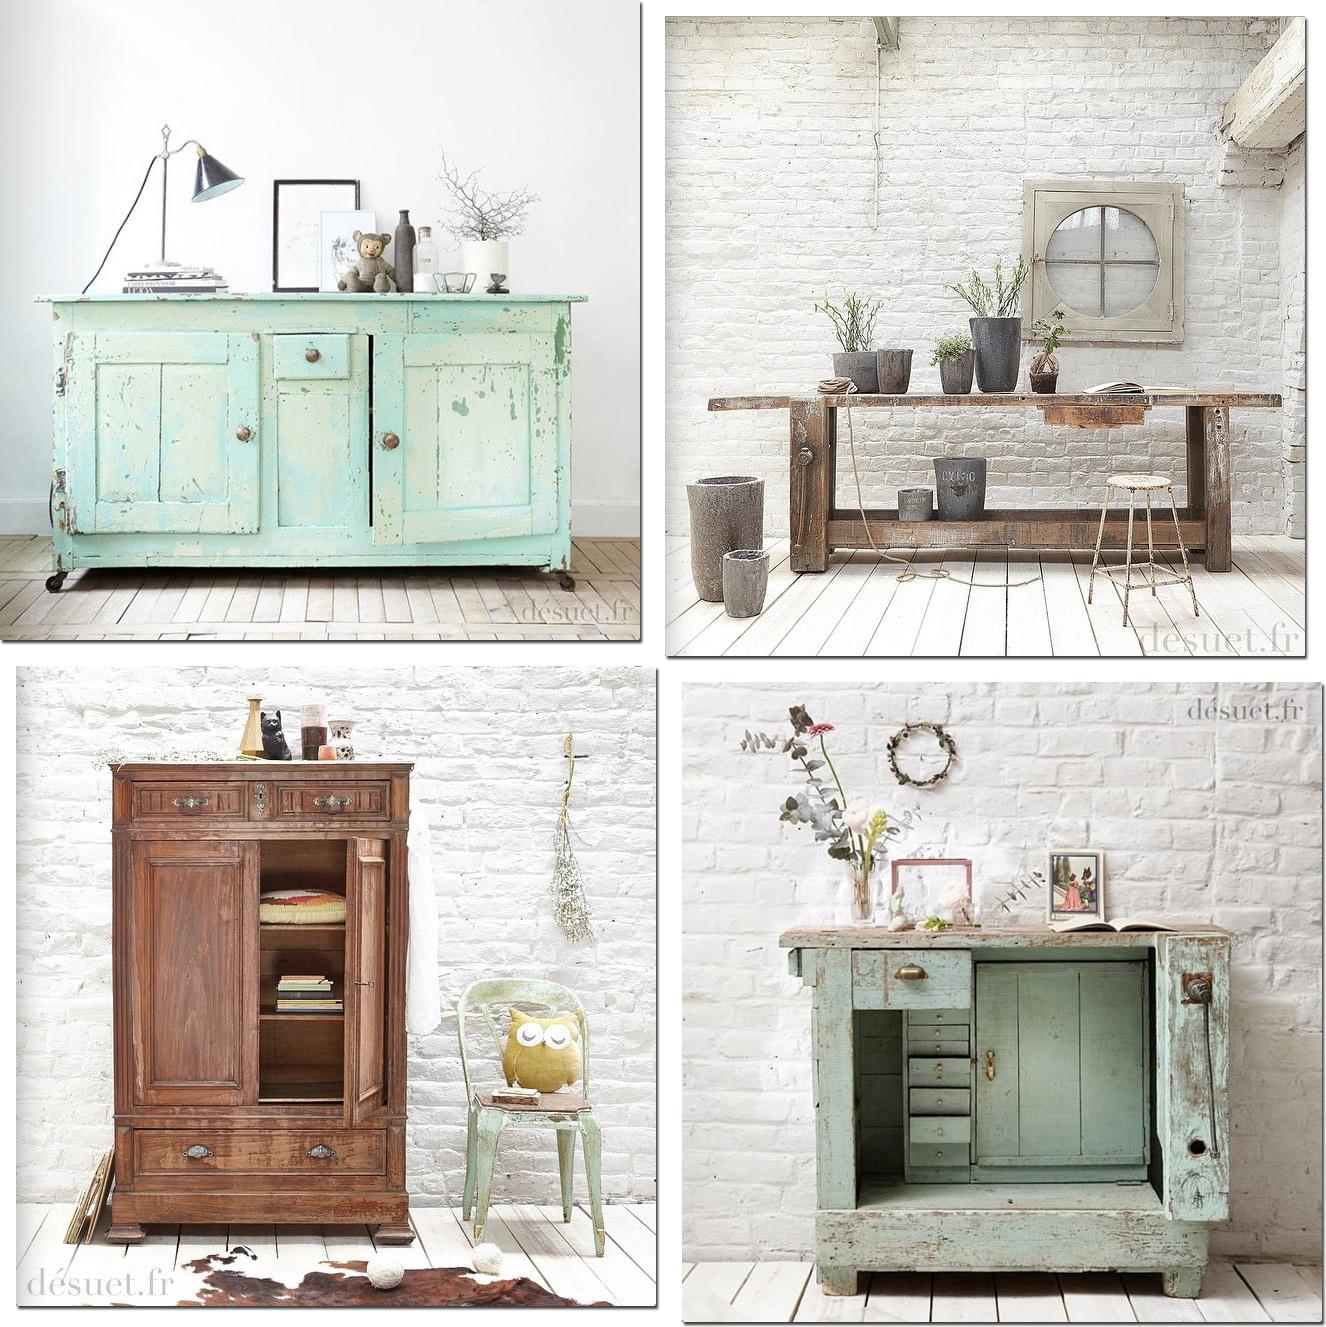 Stile shabby mobili antichi shabby chic interiors - Mobili stile shabby ...